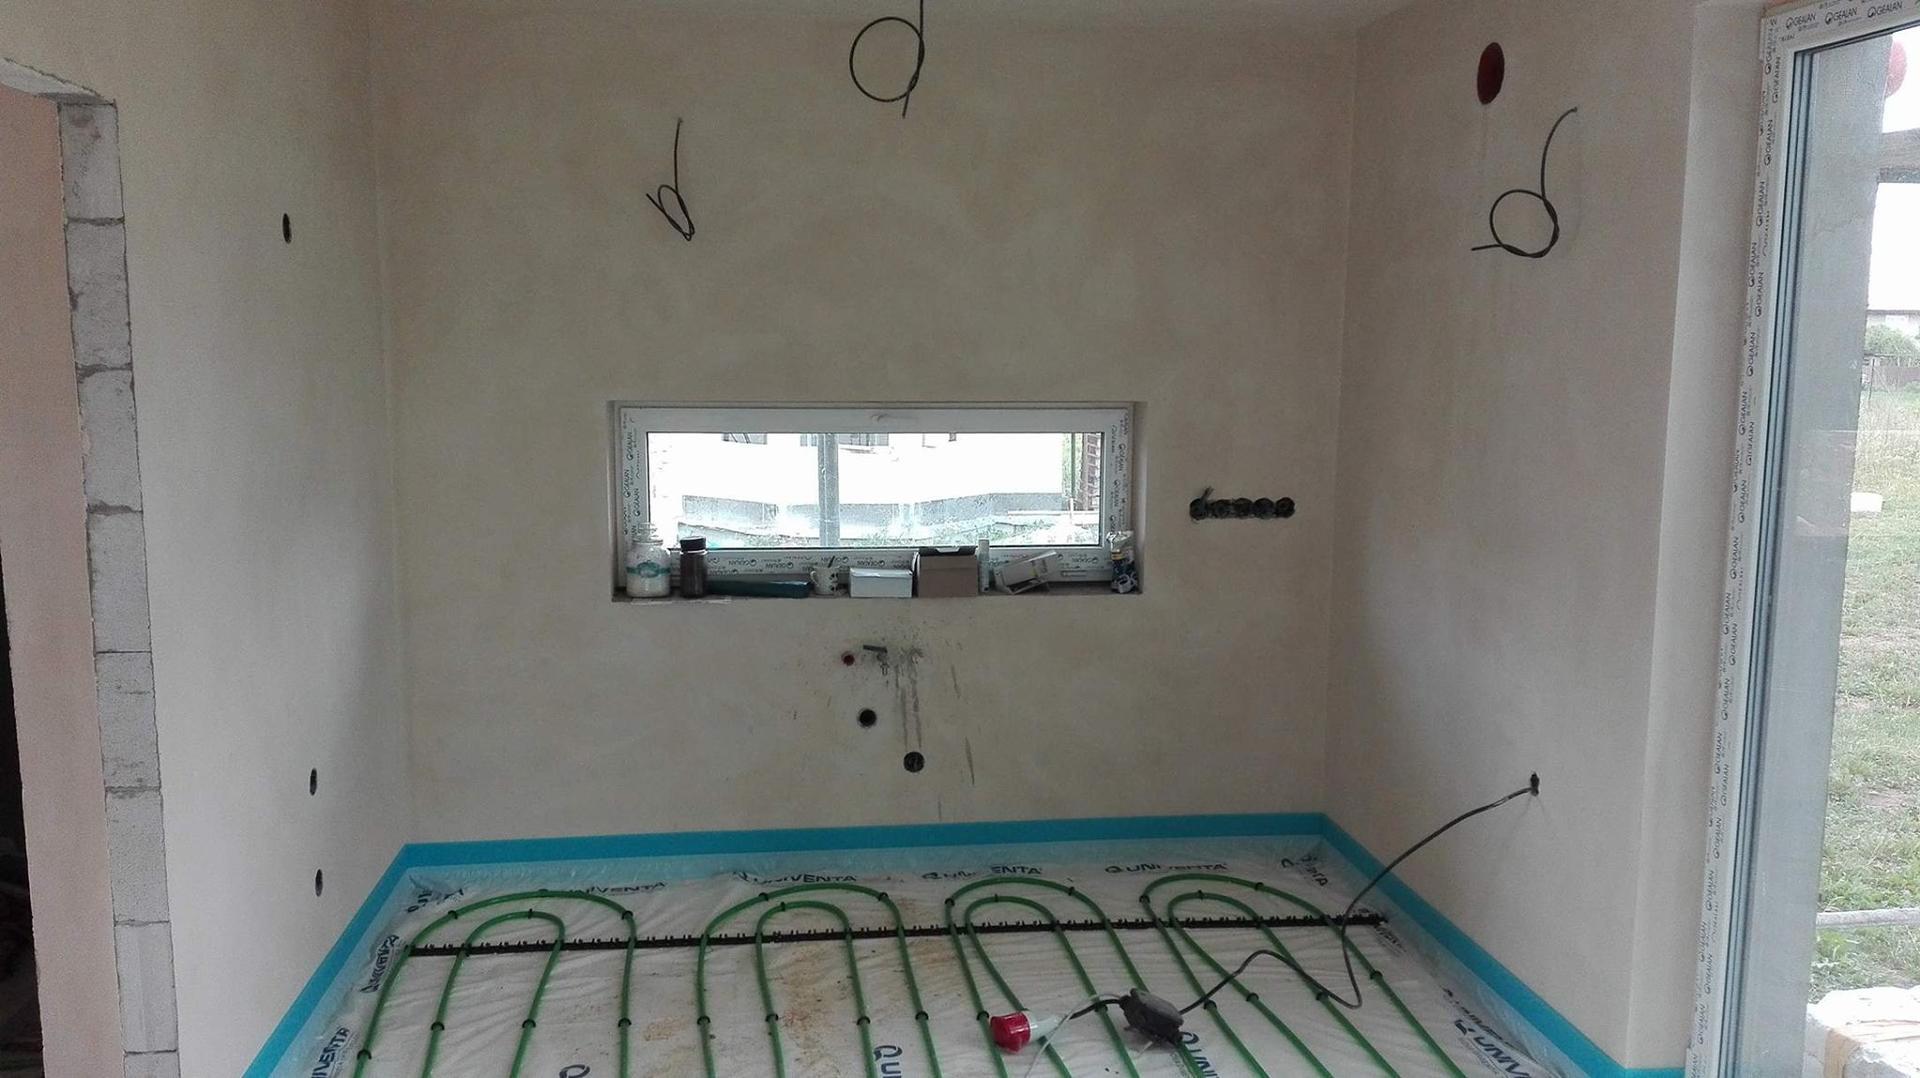 Stavba domu na kraji Prahy - Začínají intenzivní práce uvnitř domu. Pokládá se podlahové topení, aby nás v zimě nezábly nohy. Pohledové foto na kuchyňské okno.